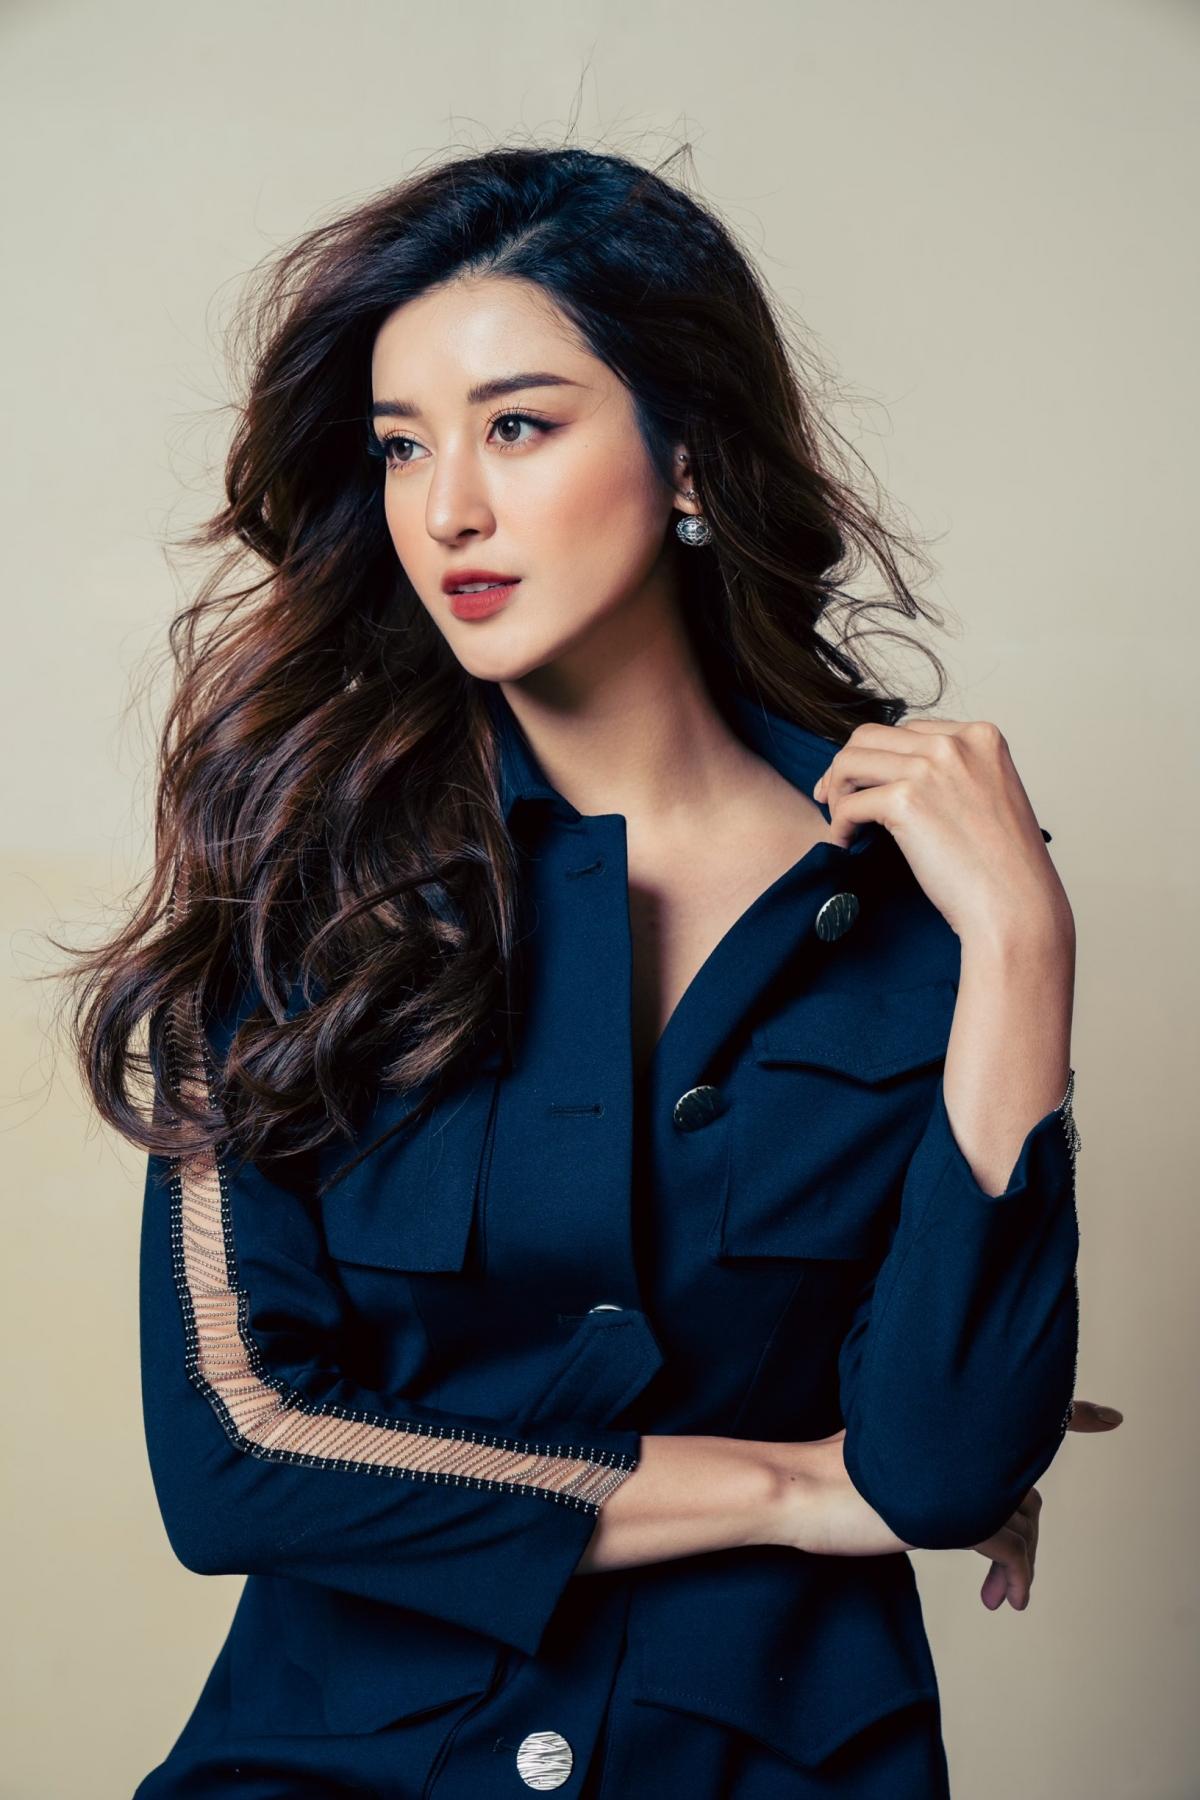 Trước khi chính thức công bố bộ ảnh thời trang này, Huyền My đã nhá hàng một tấm ảnh với bốn biểu cảm khác nhau trên facebook cá nhân của cô và nhận được rất nhiều lời khen ngợi của bạn bè.